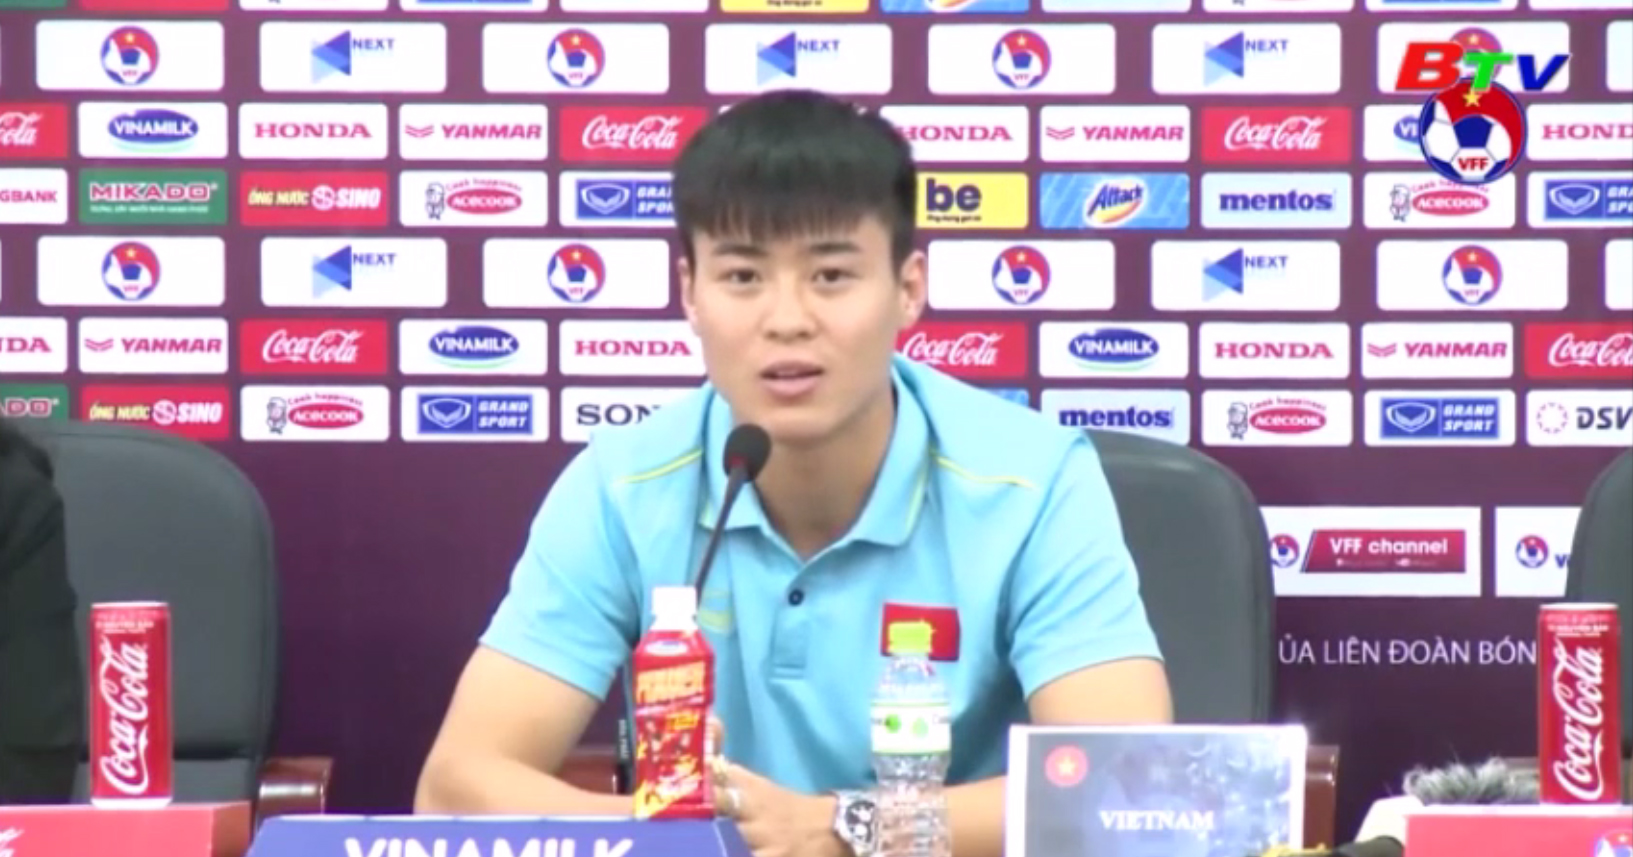 Trước trận ĐT Việt Nam - ĐT Thái Lan vòng loại World Cup 2022